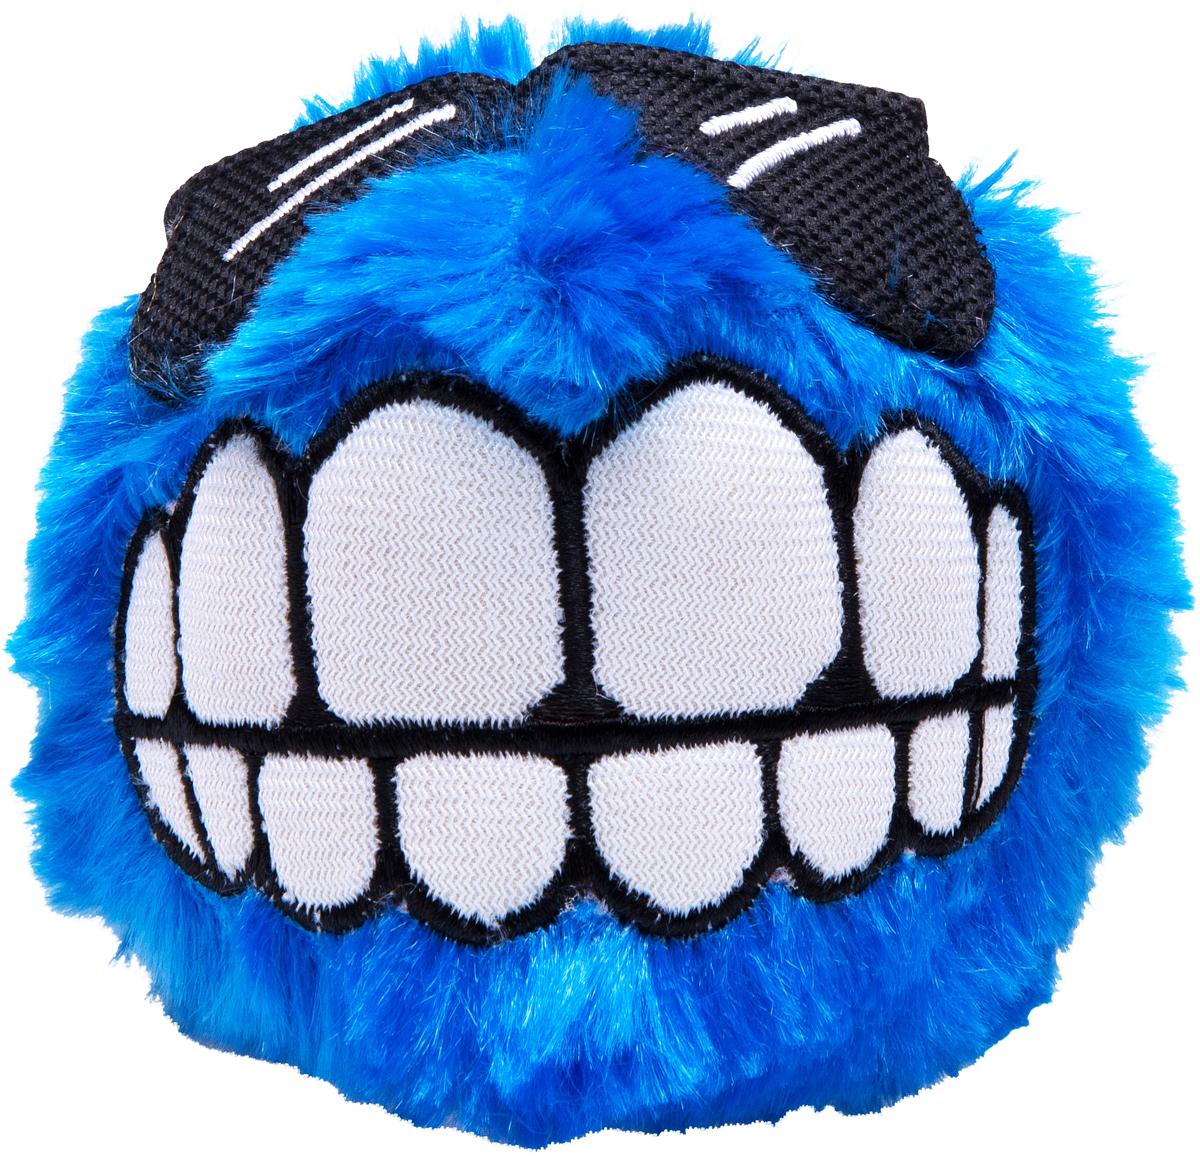 Игрушка для собак Rogz Fluffy Grinz. Зубы, цвет: синий, диаметр 6,4 смGLG022mИгрушка для собак Rogz Fluffy Grinz. Зубы - особо мягкий, плюшевый мяч. Для животных, которые любят играть в Поймай-принеси - это просто мечта.Небольшой вес изделия.Не травмирует зубы и десны.Удобен для переноски животных.Внутри игрушки пищалка, что поддерживает интерес животного к игре.